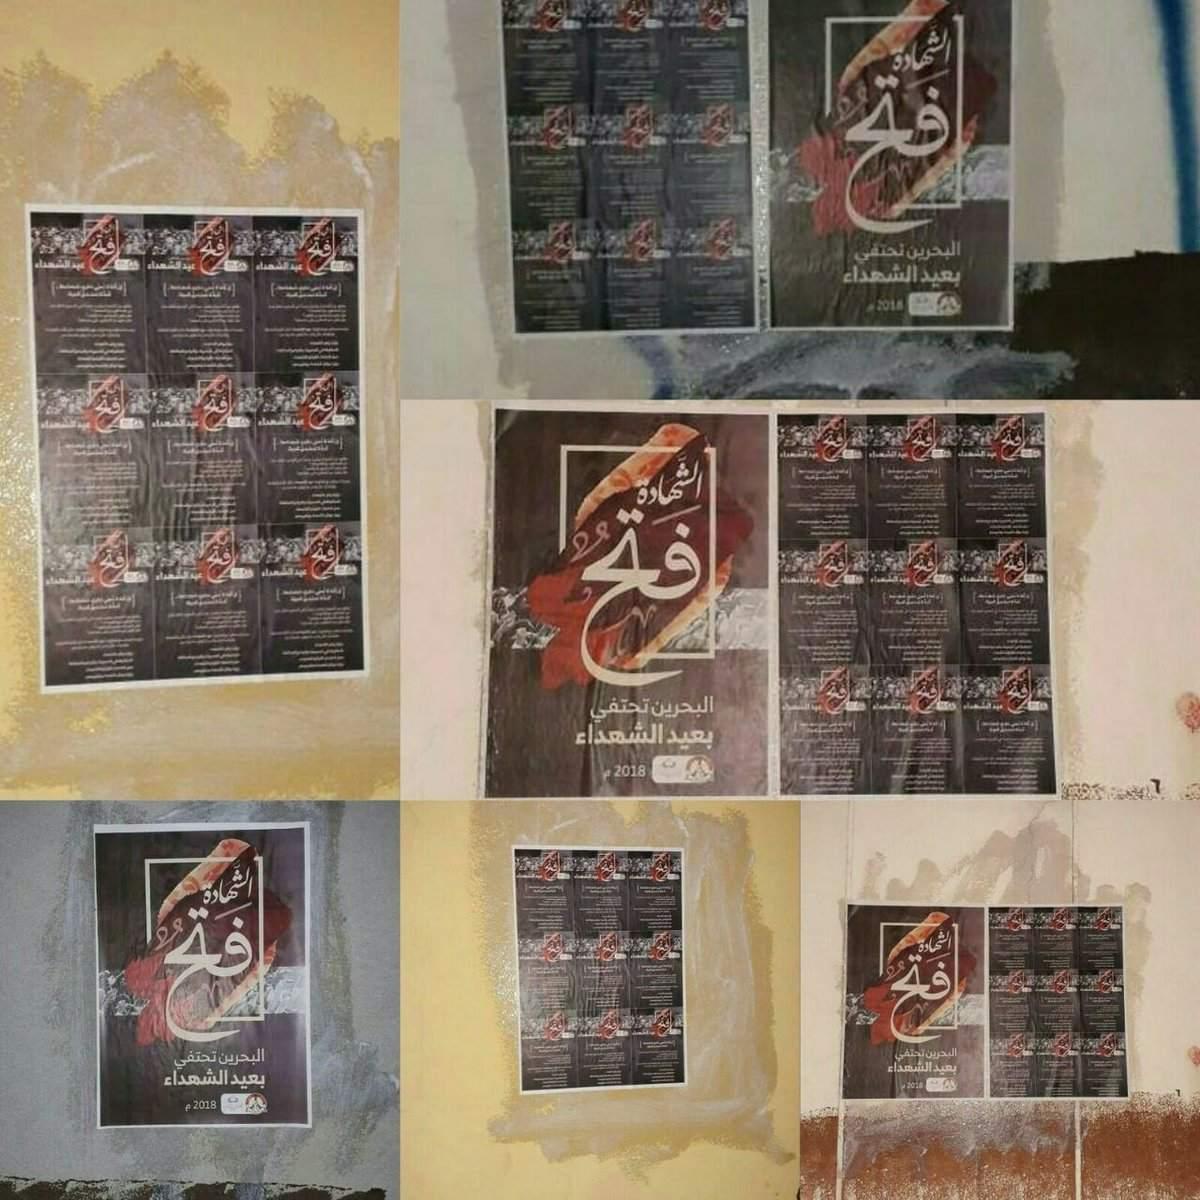 الشعارات الثوريّة تزيّن صحيفة الأحرار في باربار وعالي